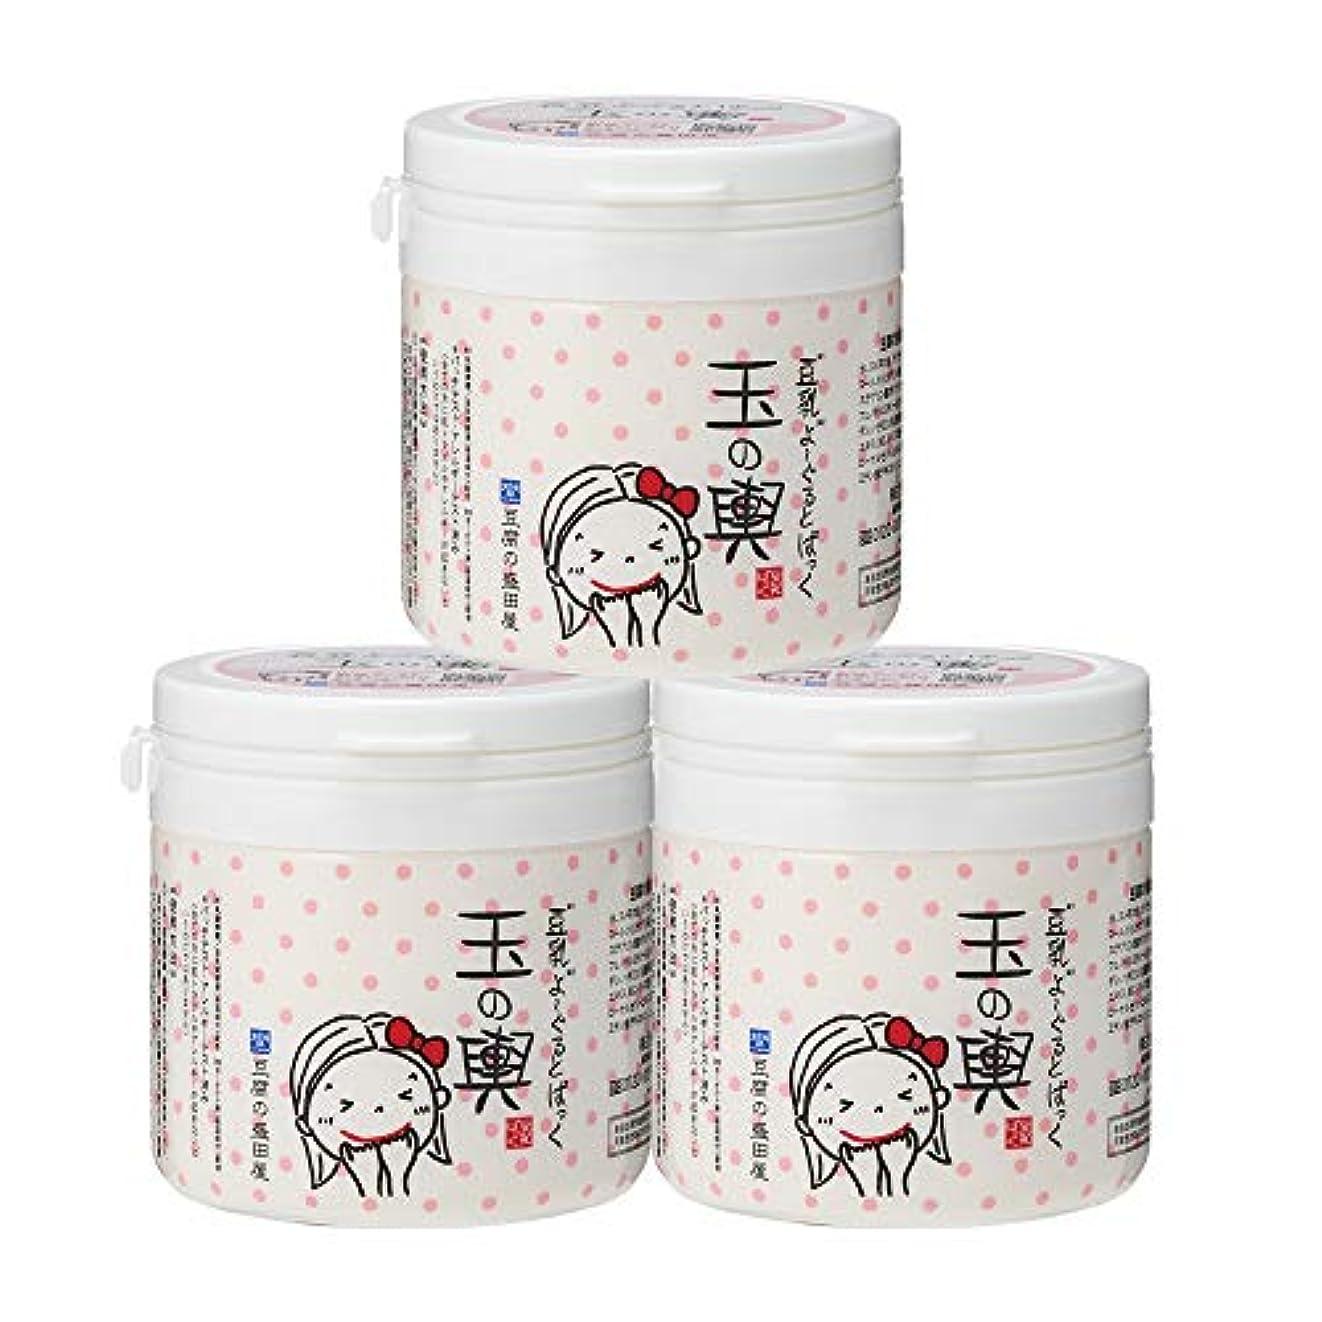 問い合わせるアクションラジカル豆腐の盛田屋 豆乳よーぐるとぱっく 玉の輿 150g×3個セット